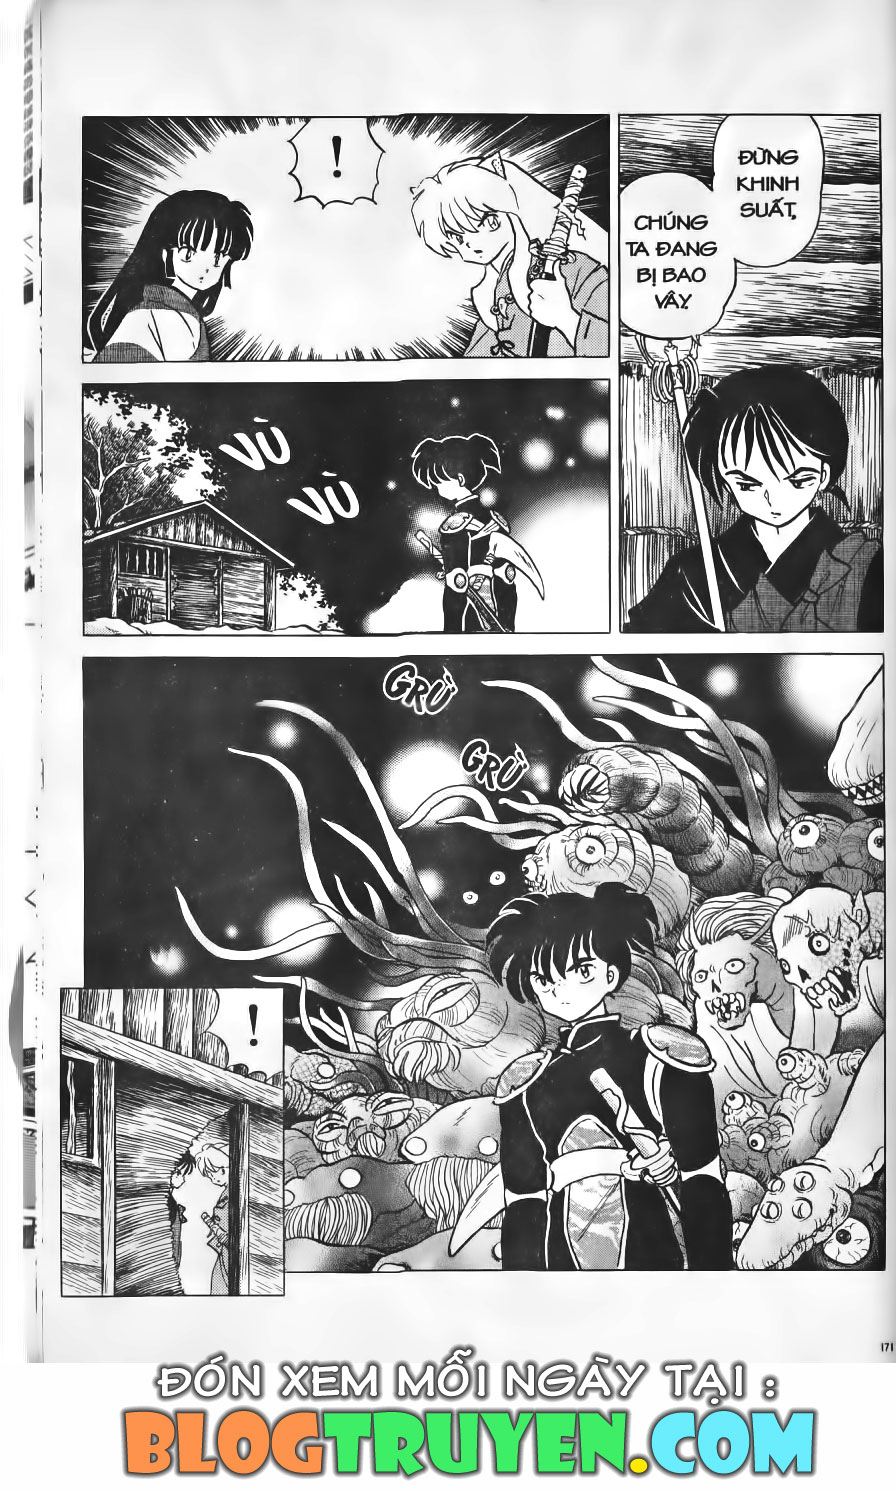 Inuyasha vol 11.10 trang 6